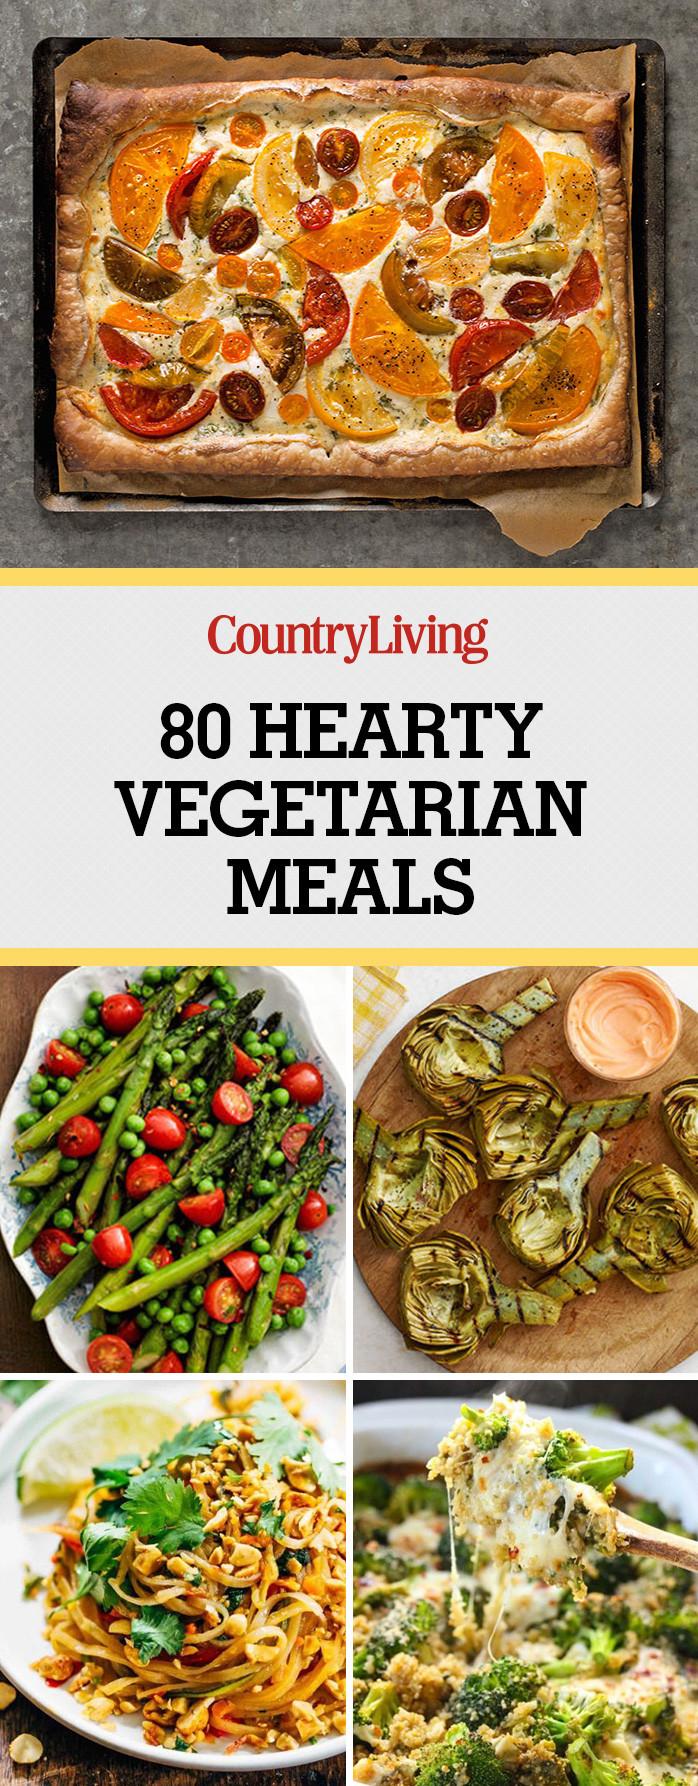 Veggie Dinner Recipes  80 Easy Ve arian Dinner Recipes Best Ve arian Meal